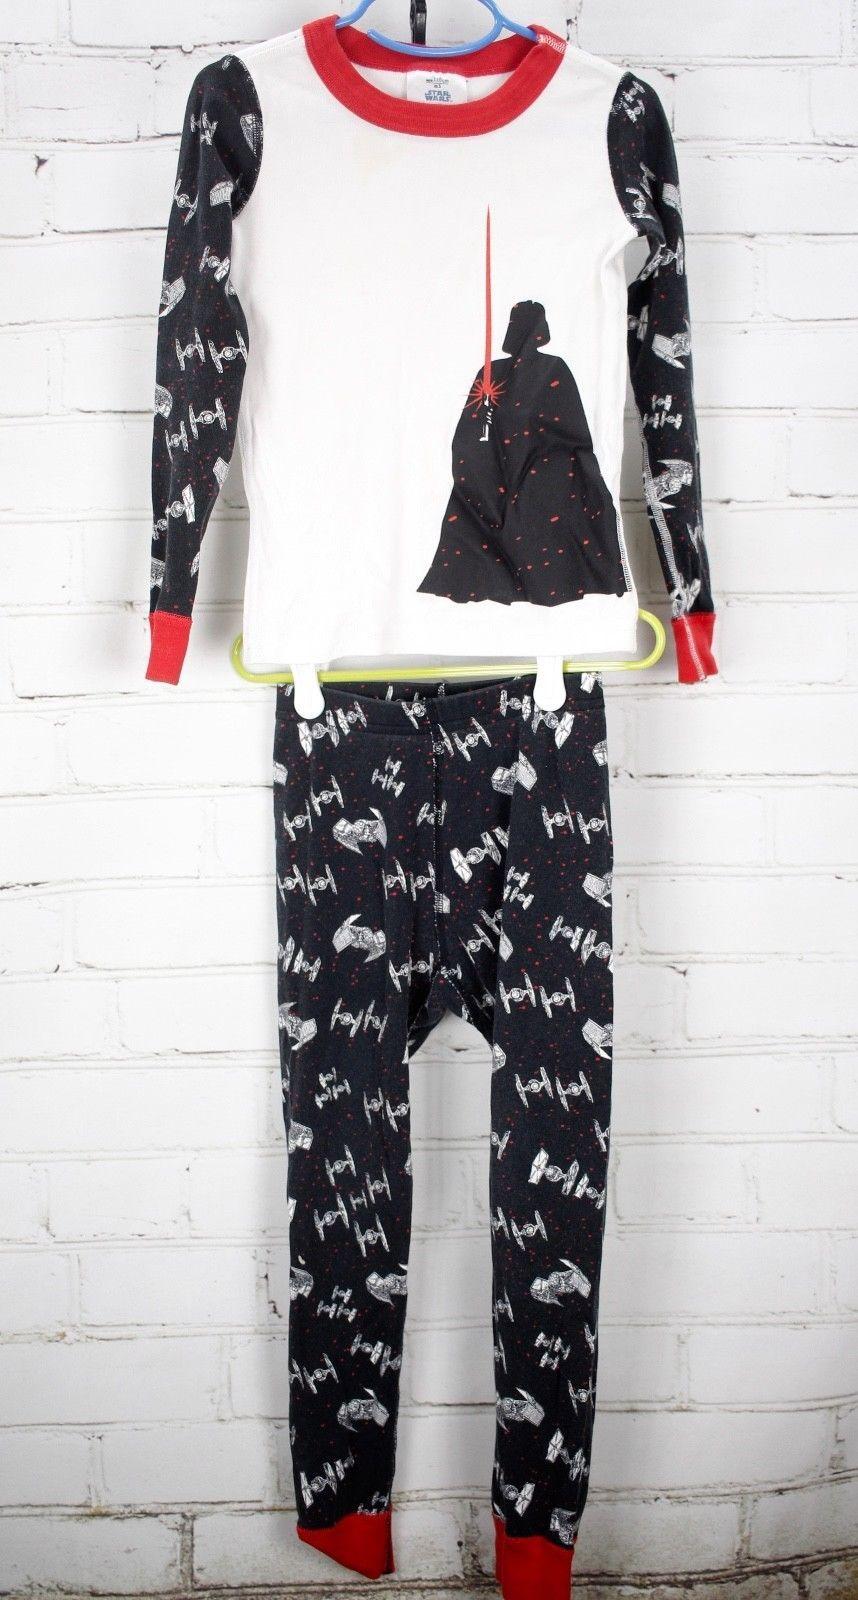 c7d2642ea92b Hanna Andersson Pajamas Star Wars Darth and 50 similar items